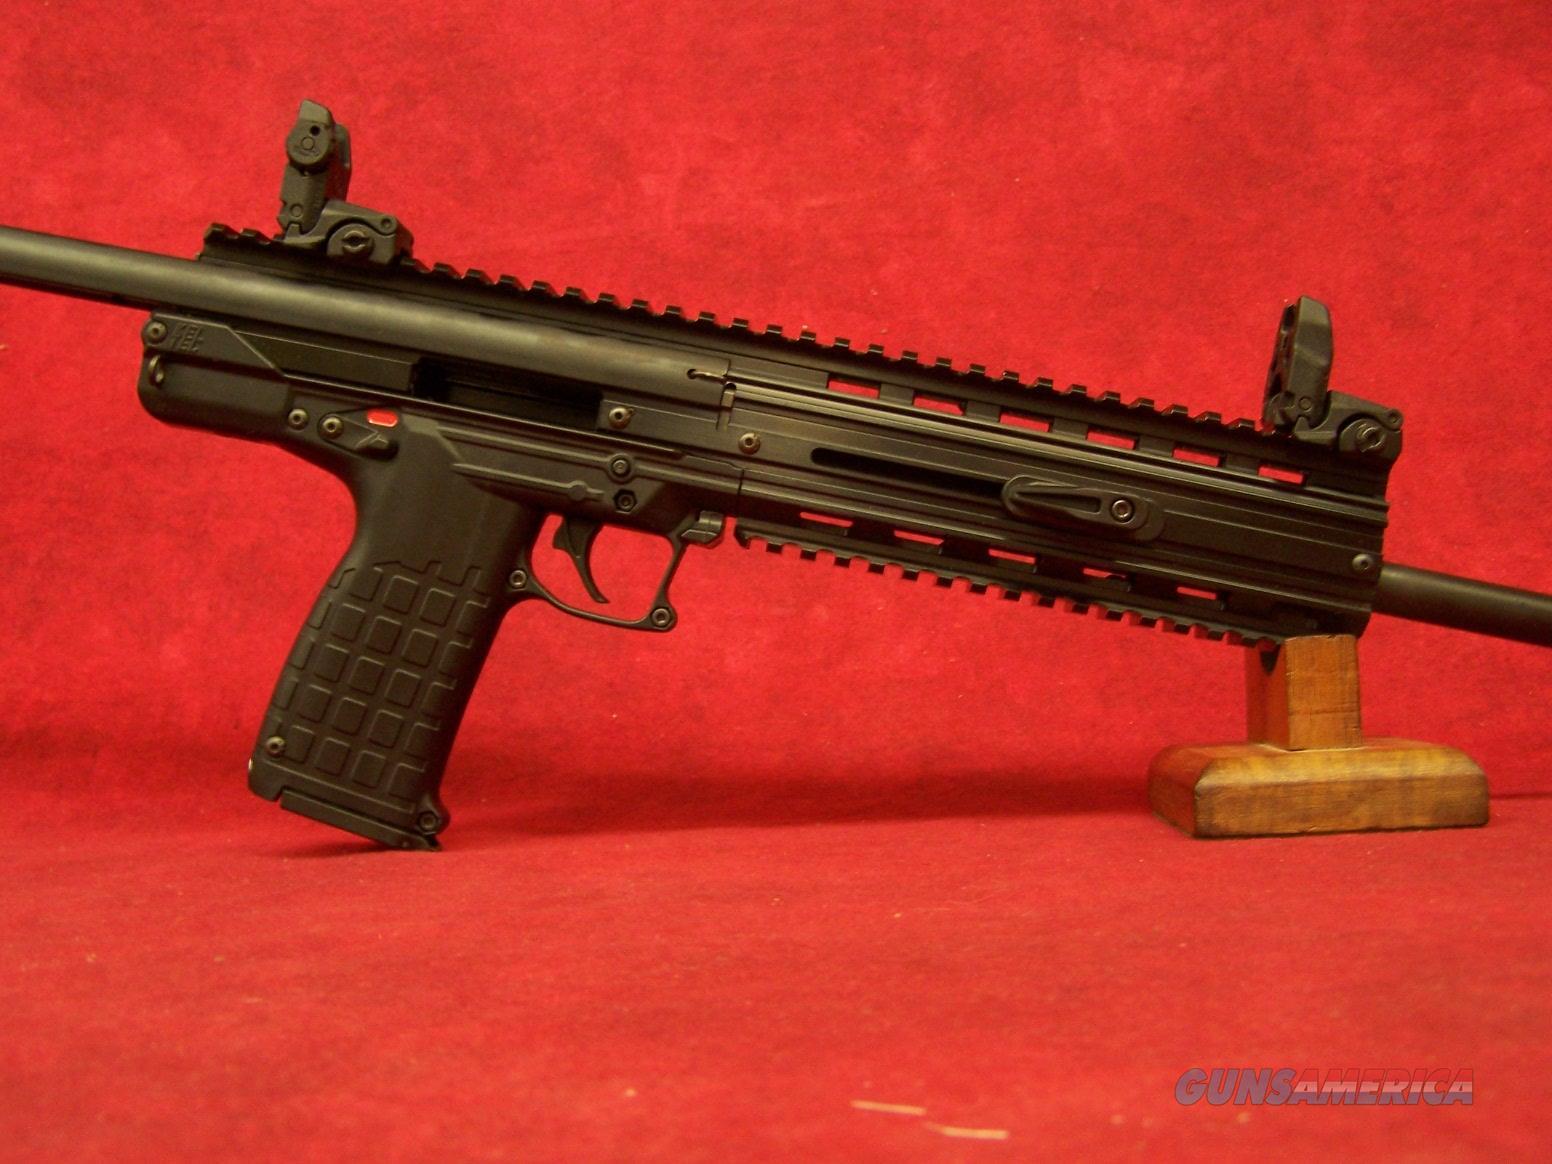 """Kel-Tec CMR-30 .22 WMR 16"""" Barrel 30 round mag 22 mag (CMR30BLK)  Guns > Rifles > Kel-Tec Rifles"""